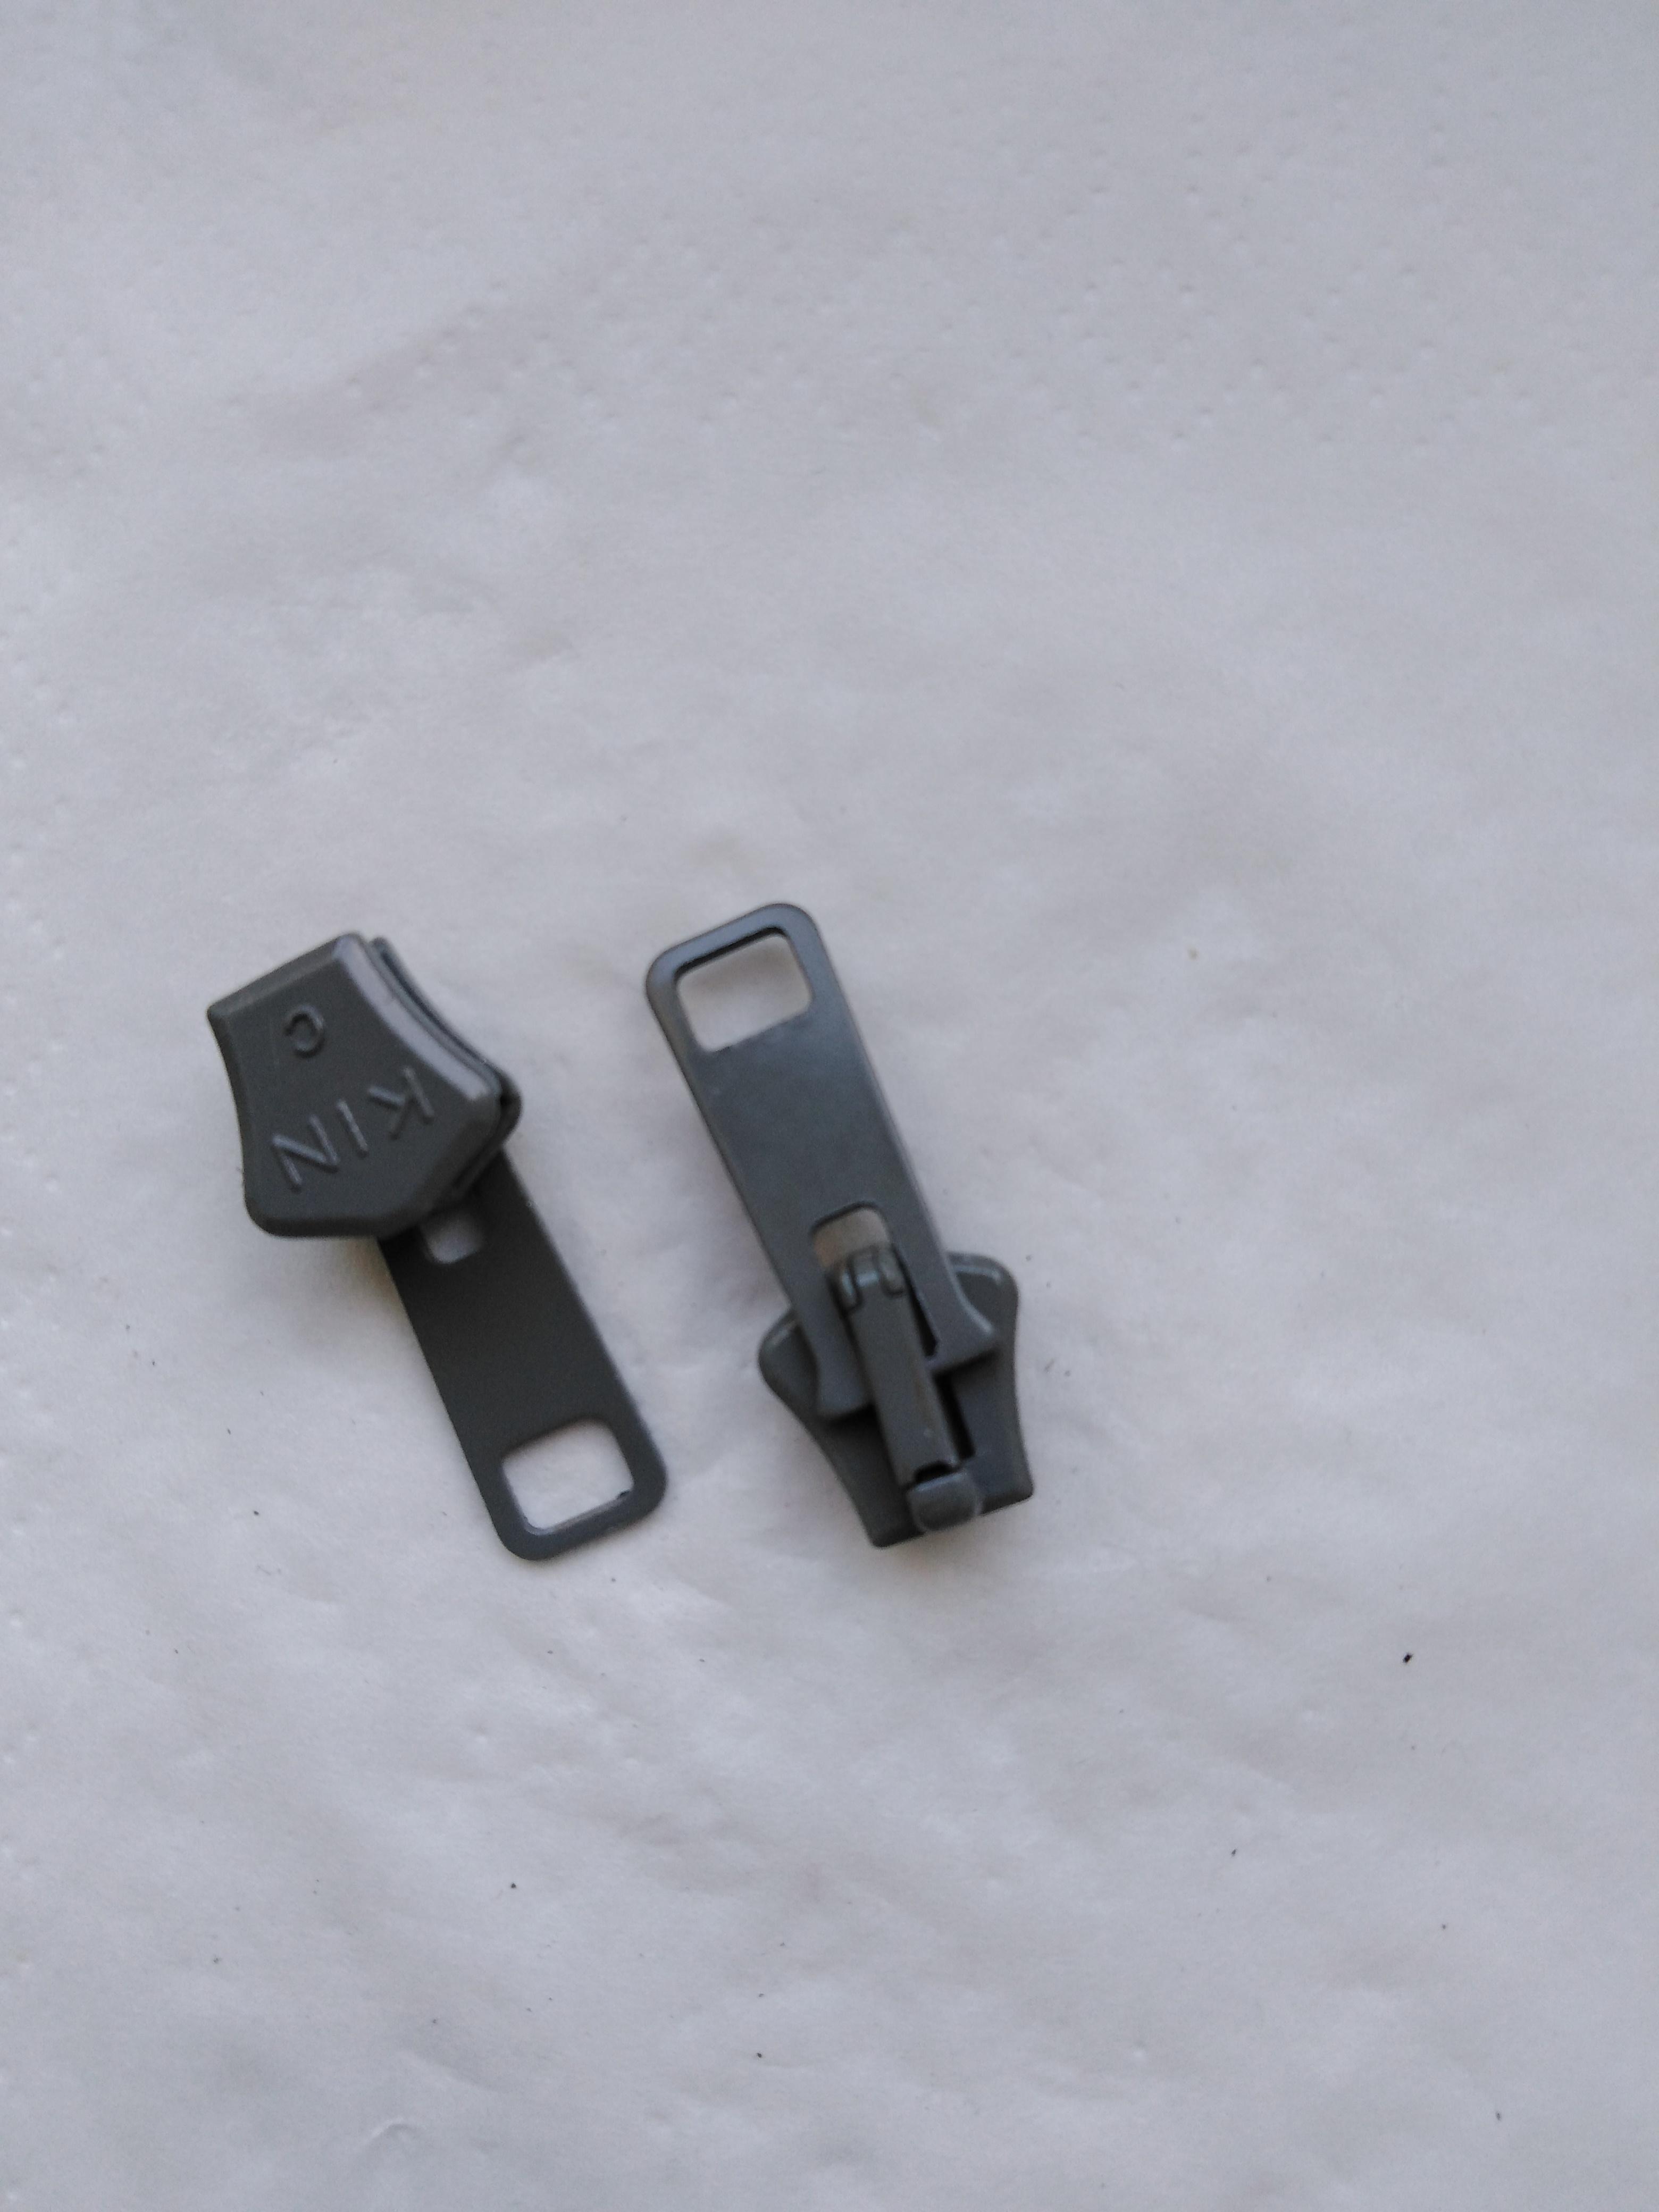 Jezdec k zipům PH6 aretační lakovaný světle šedý